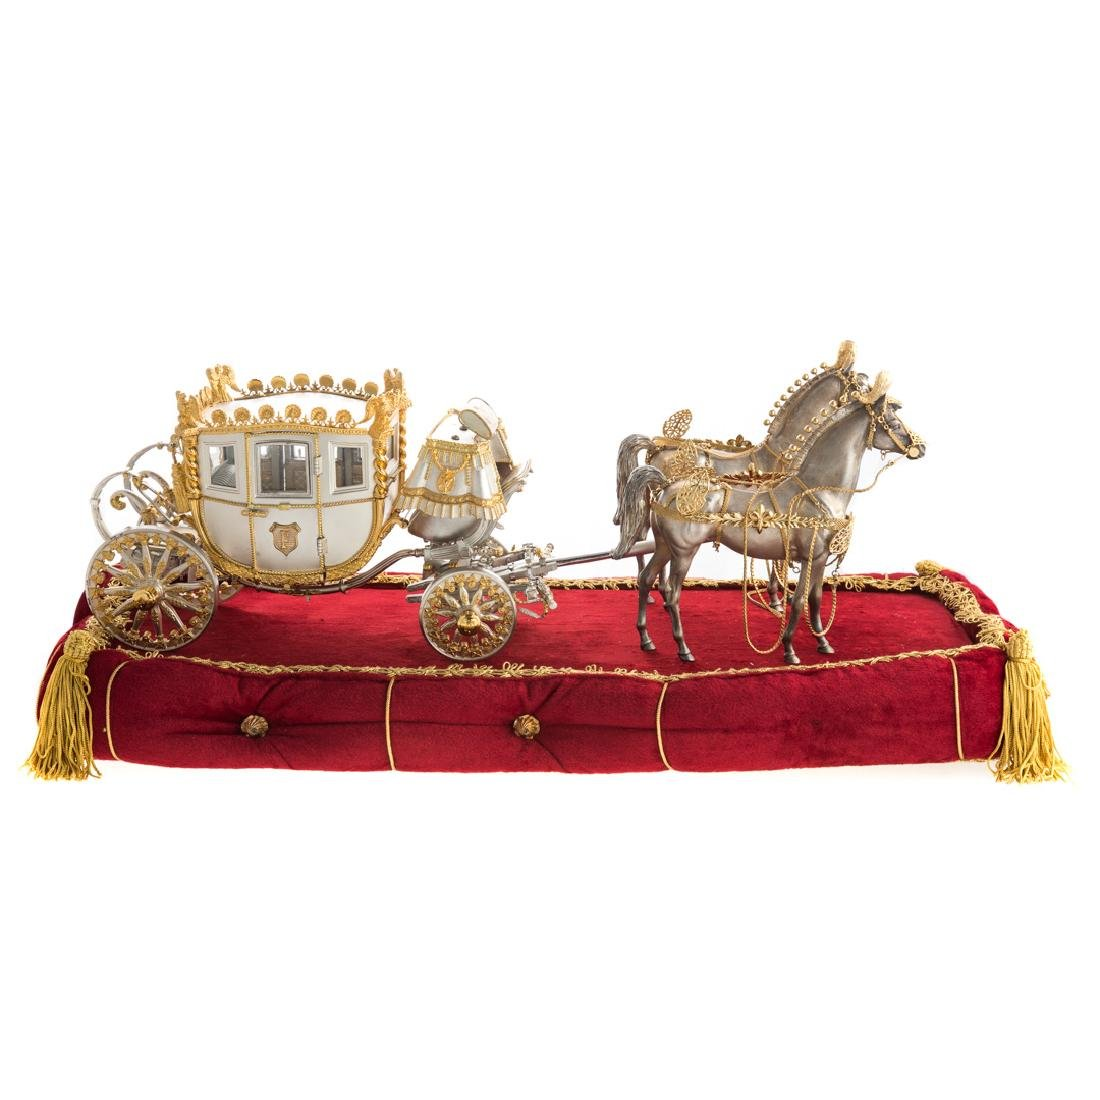 American silver/silver gilt Napoleonic Coach Model